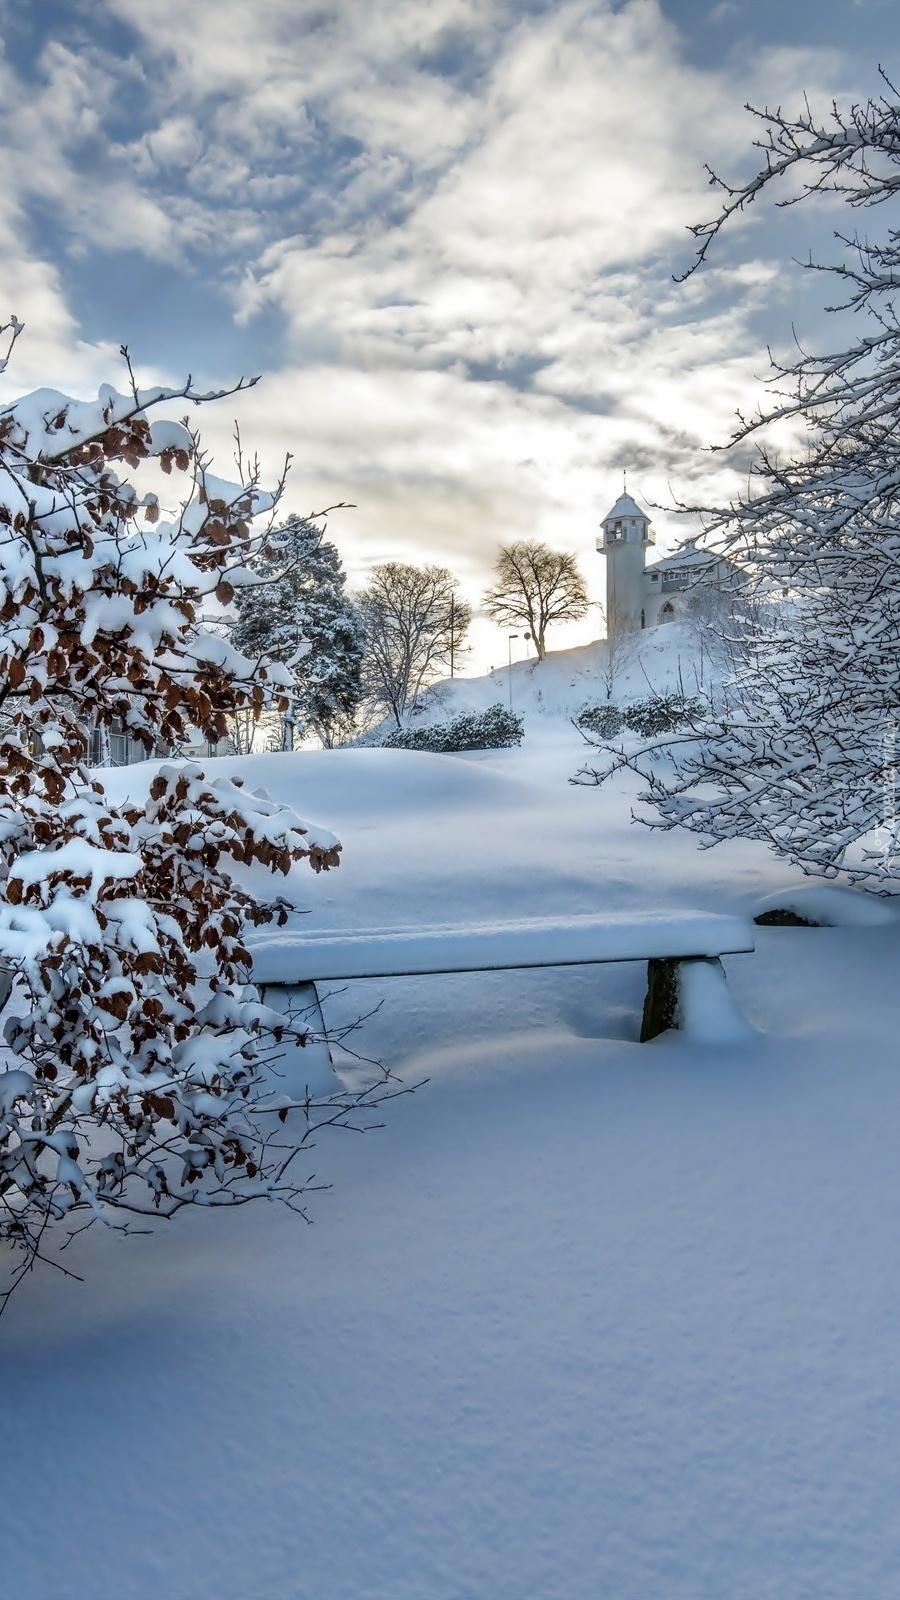 Ławka między drzewami zimą